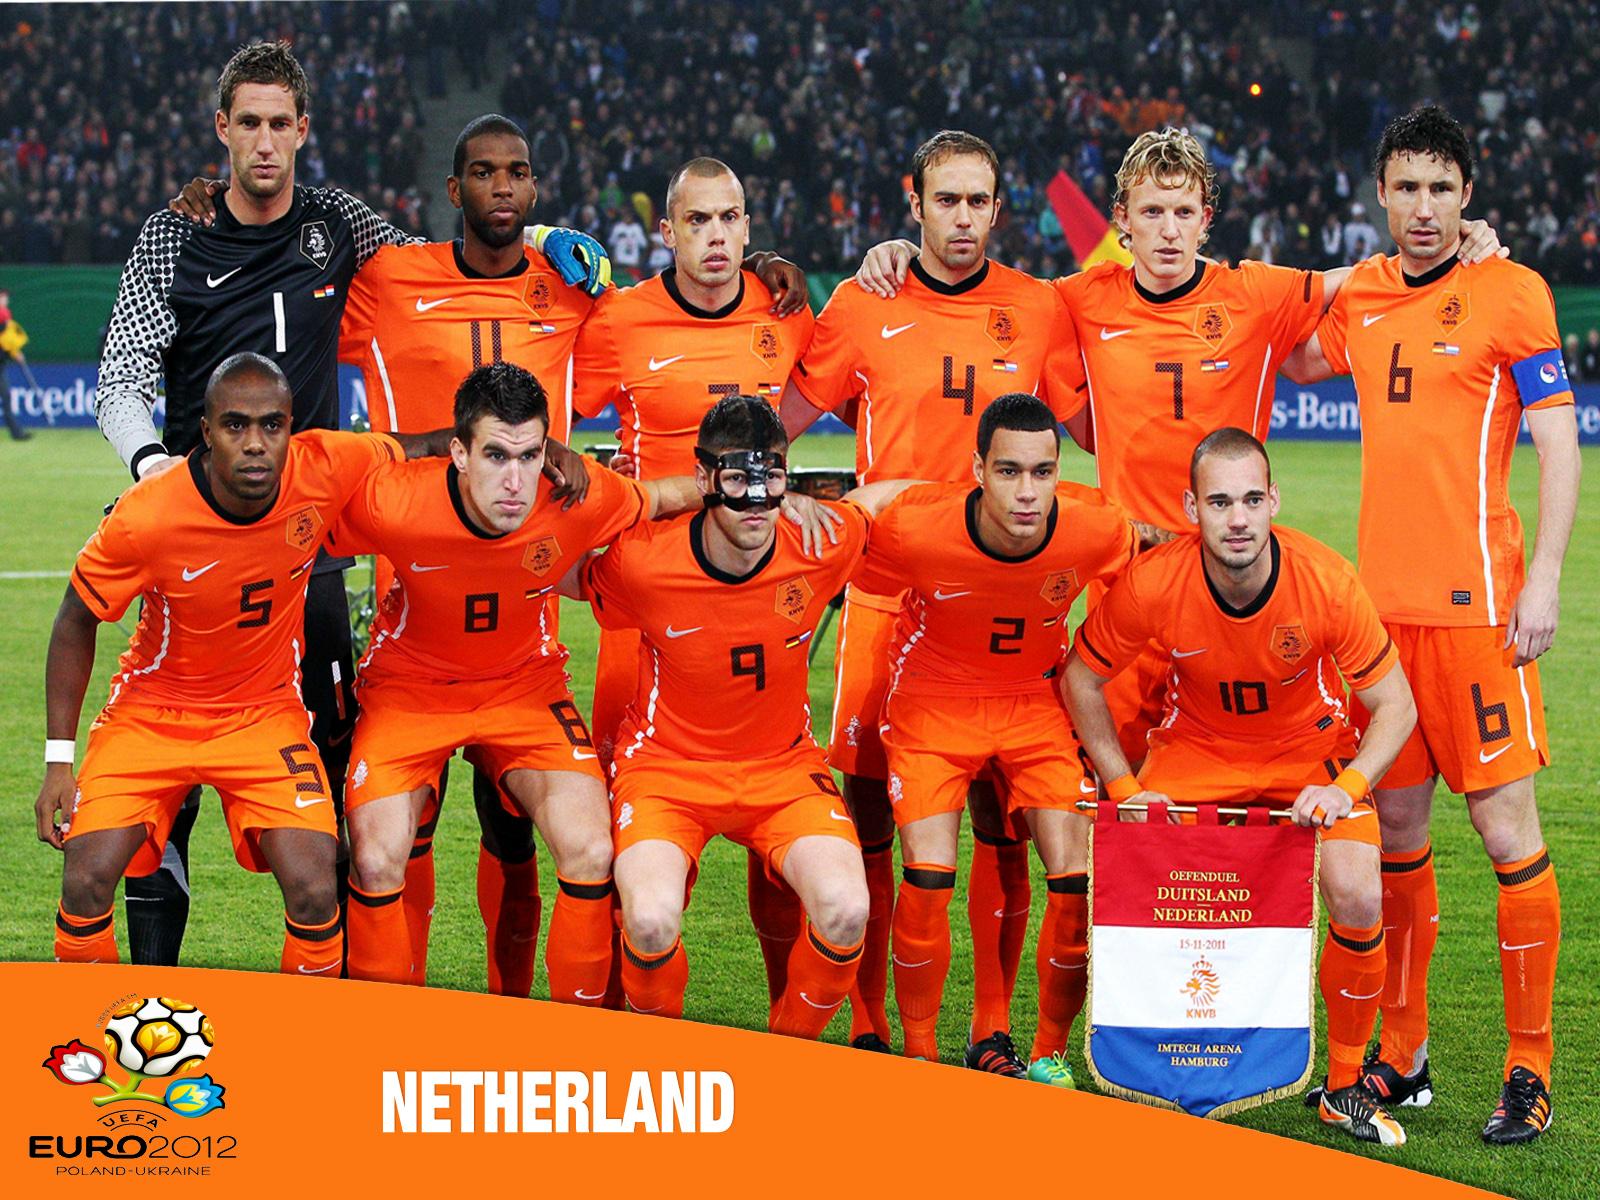 http://2.bp.blogspot.com/-pXbsro1zQFg/T9MfvhCYoaI/AAAAAAAACHs/JKD3HICu4D4/s1600/Netherland_National_Football_Team_Euro_2012_HD_Desktop_Wallpaper-hidefwall.blogspot.com.jpg